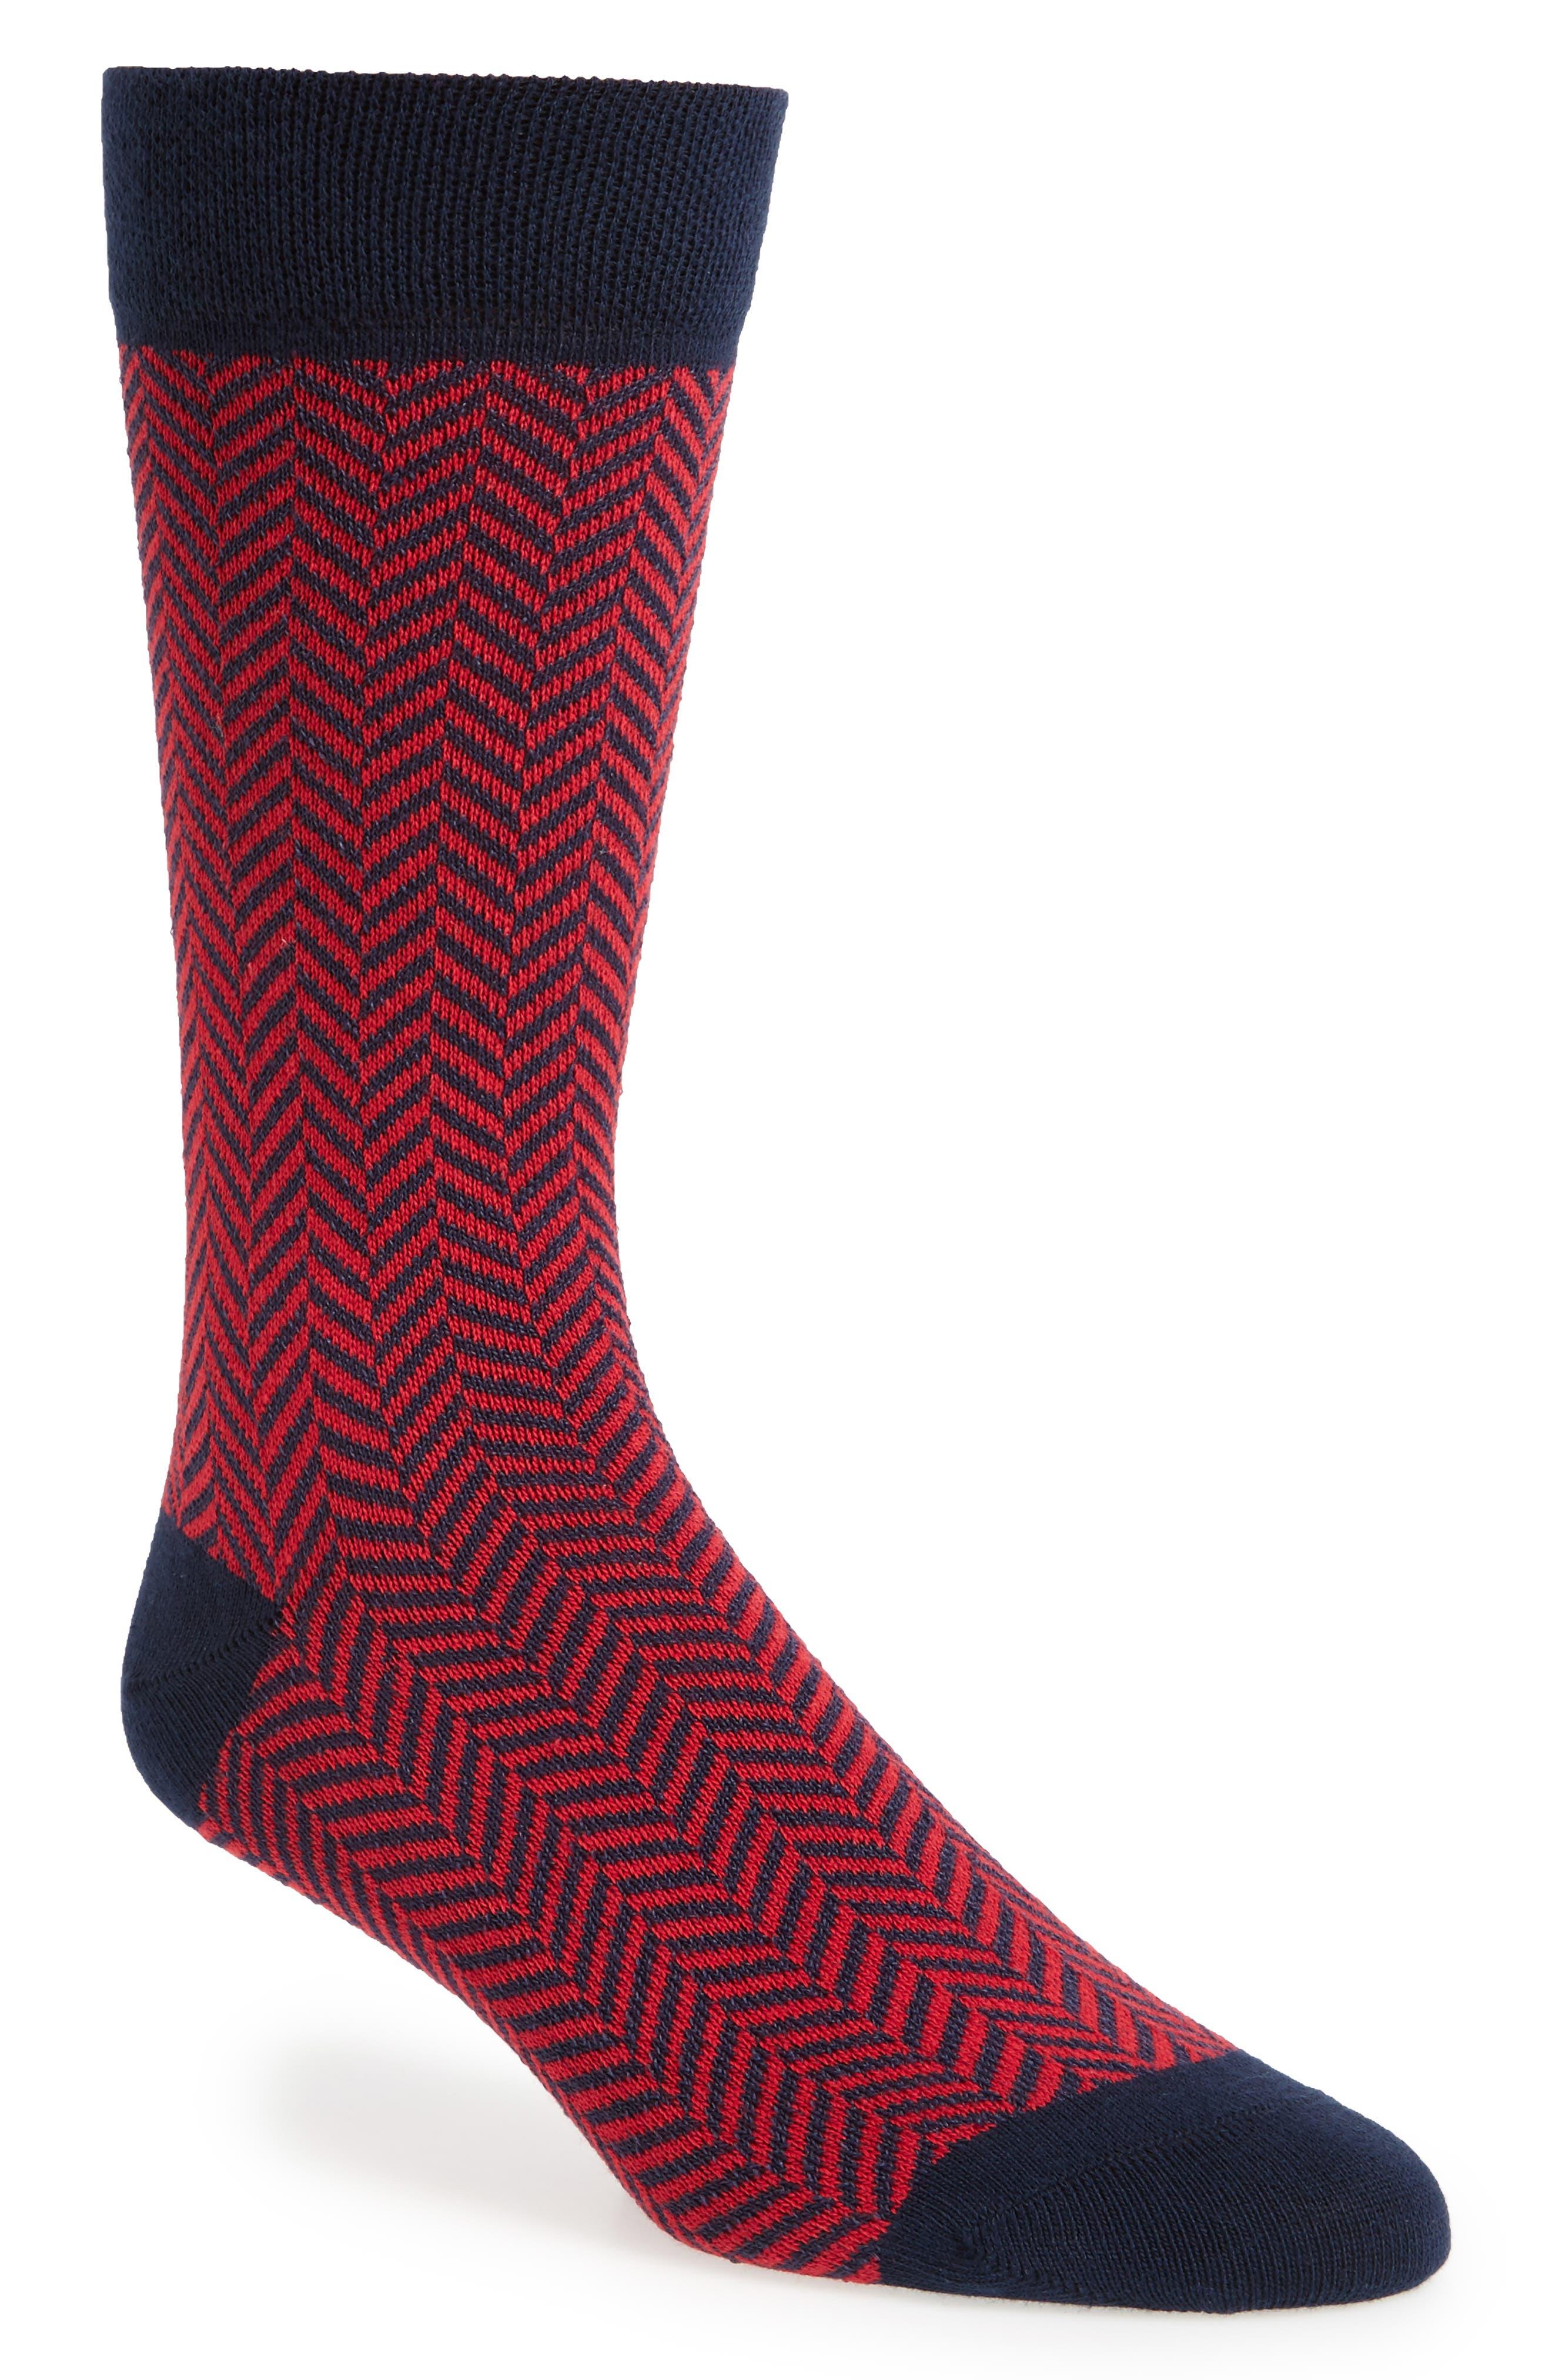 Ronimow Herringbone Socks,                             Main thumbnail 1, color,                             Red